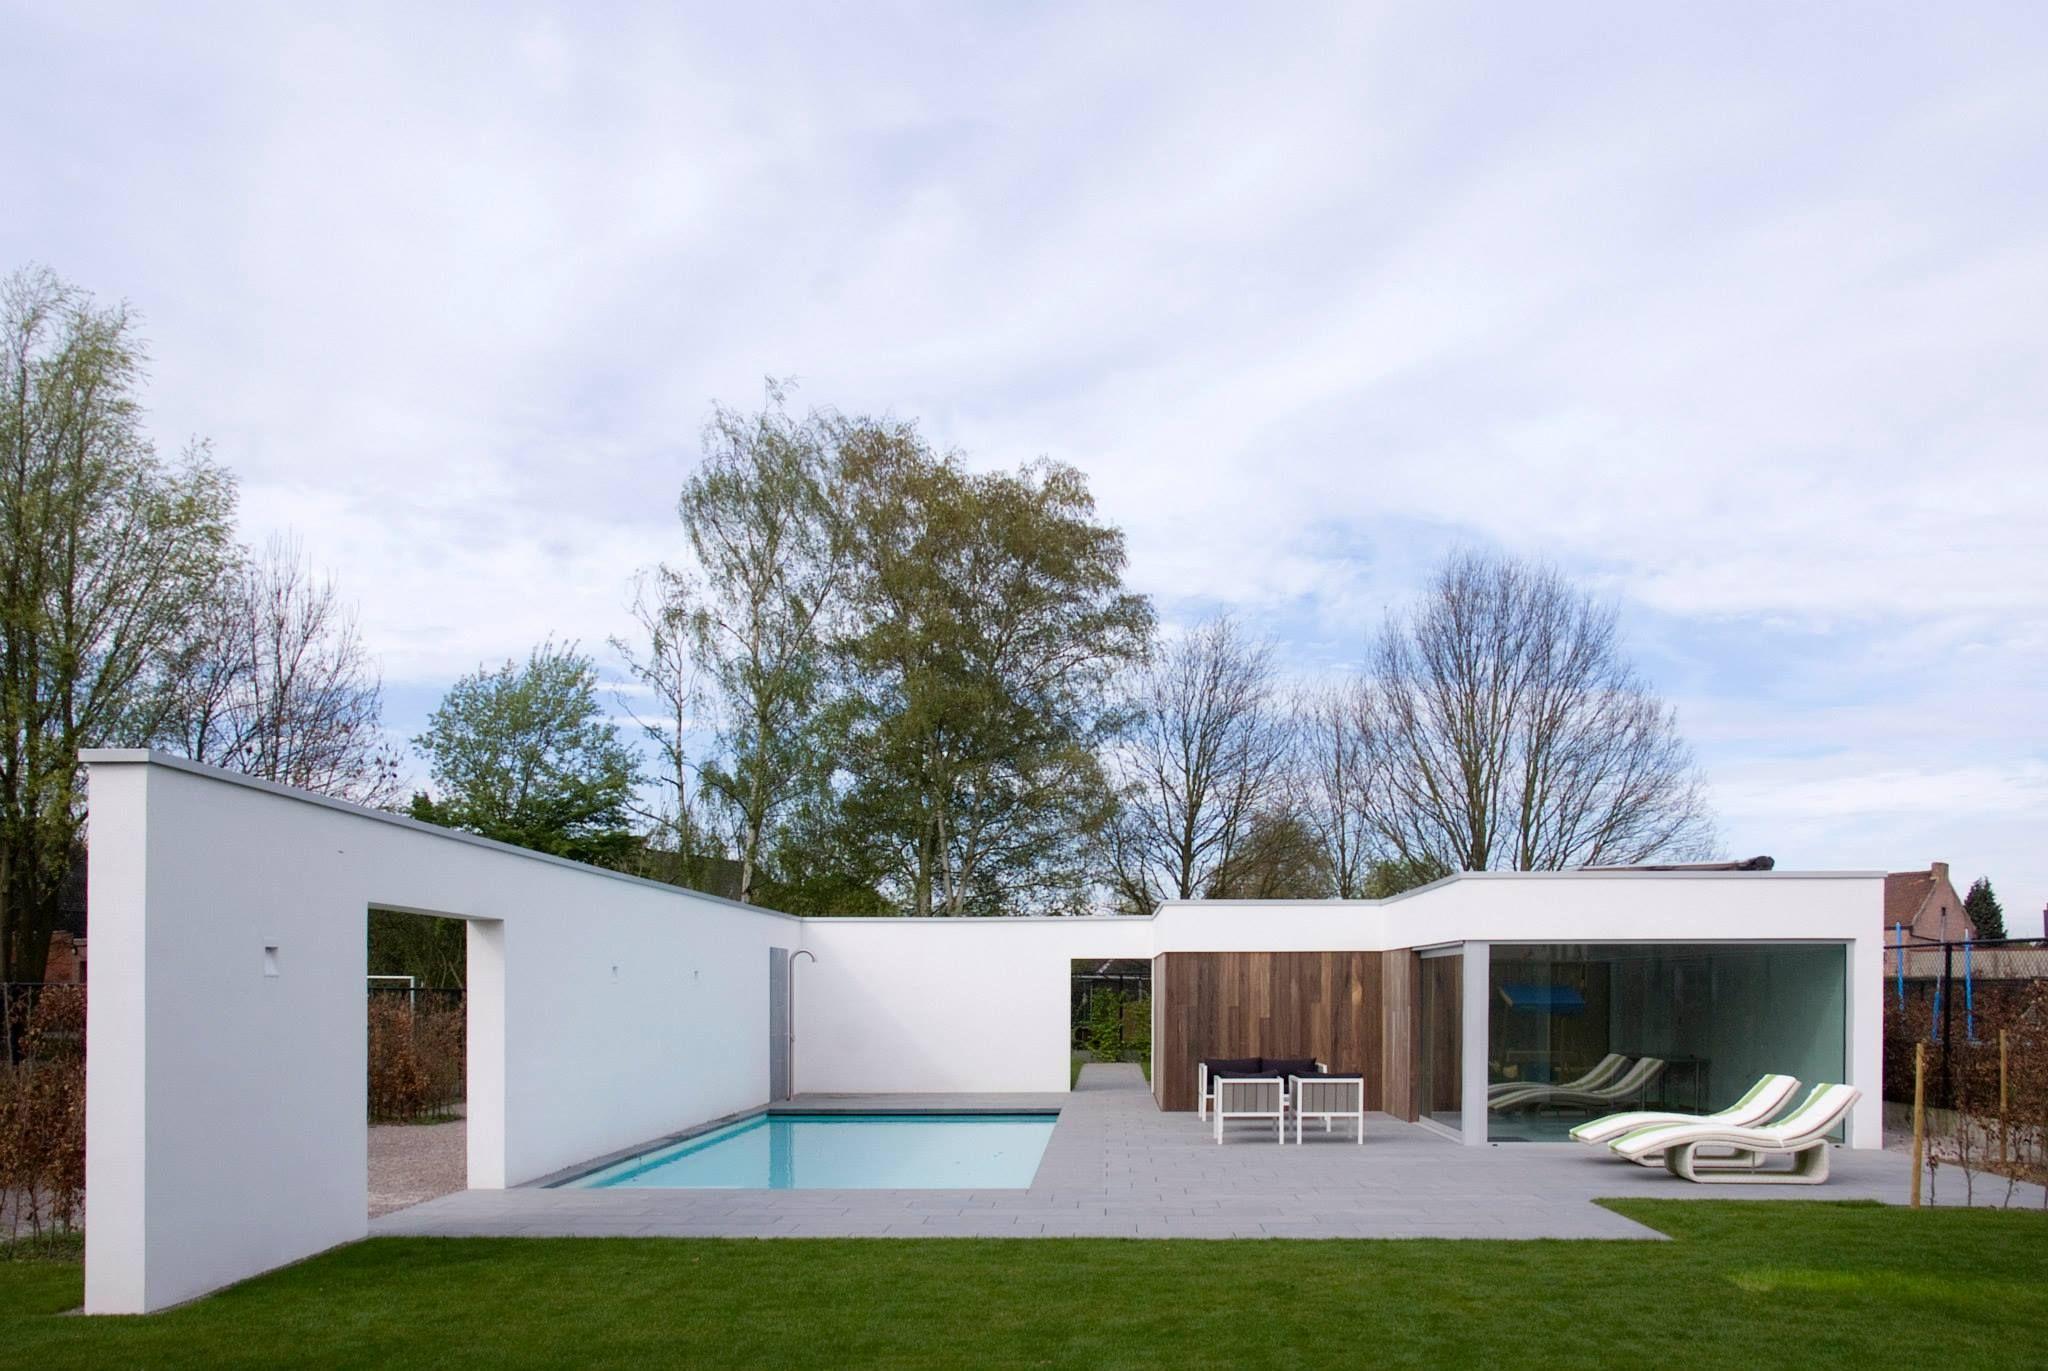 Je tuin krijgt een enorme meerwaarde dankzij een zwembad for Zelf zwembad aanleggen kostprijs